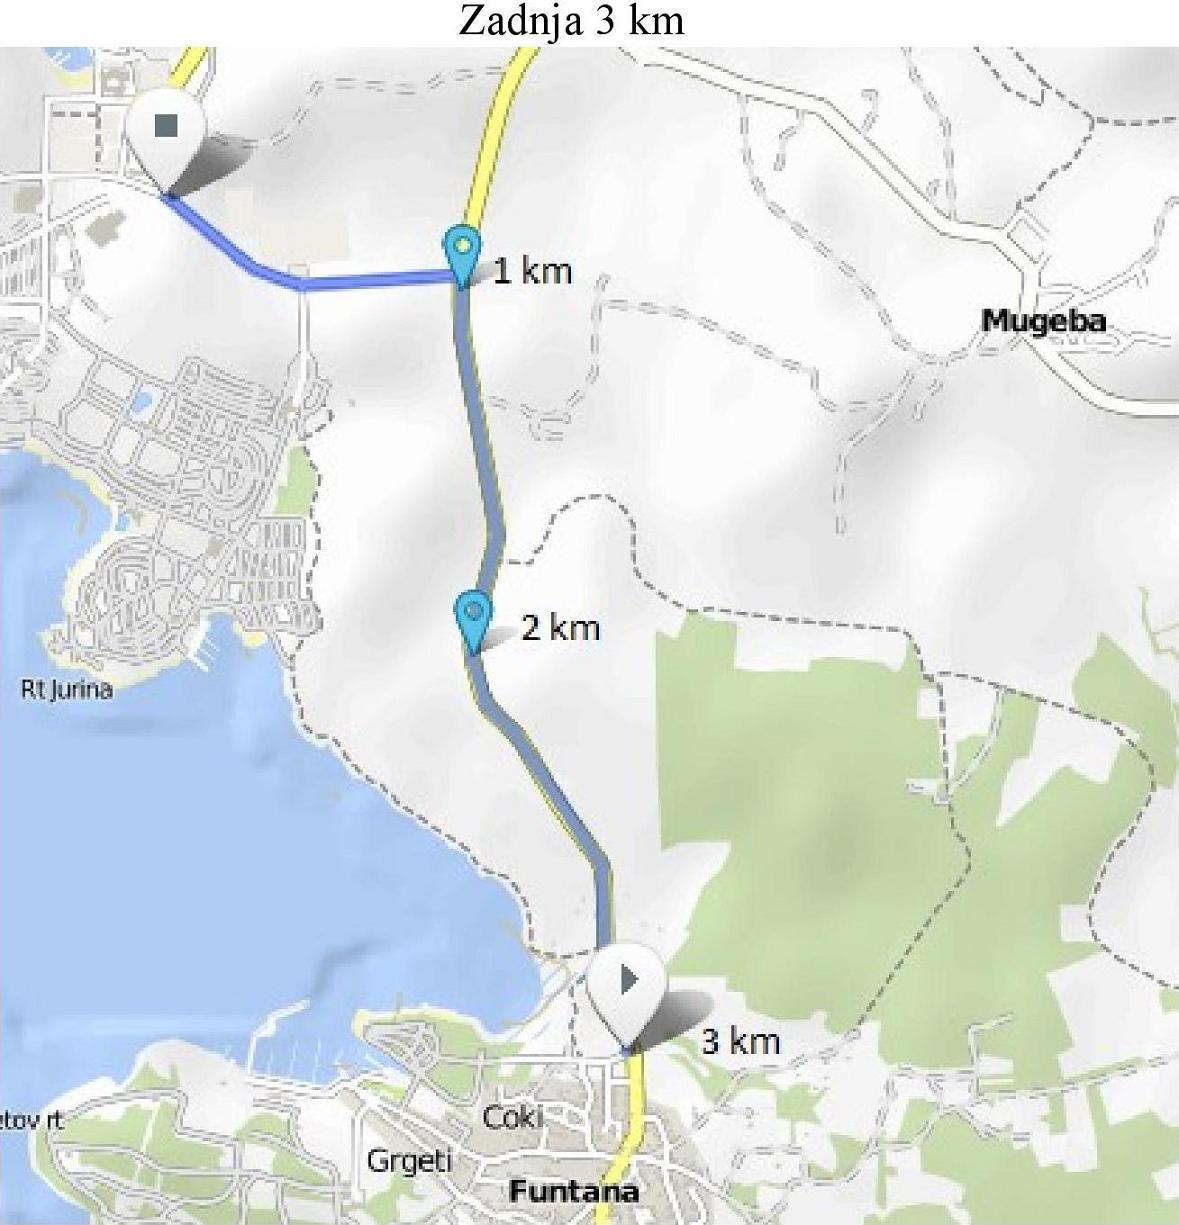 planimetria ultimi 3 Km 2016 » Grand Prix Laguna Poreč (1.2) » Poreč › Poreč (163 km)